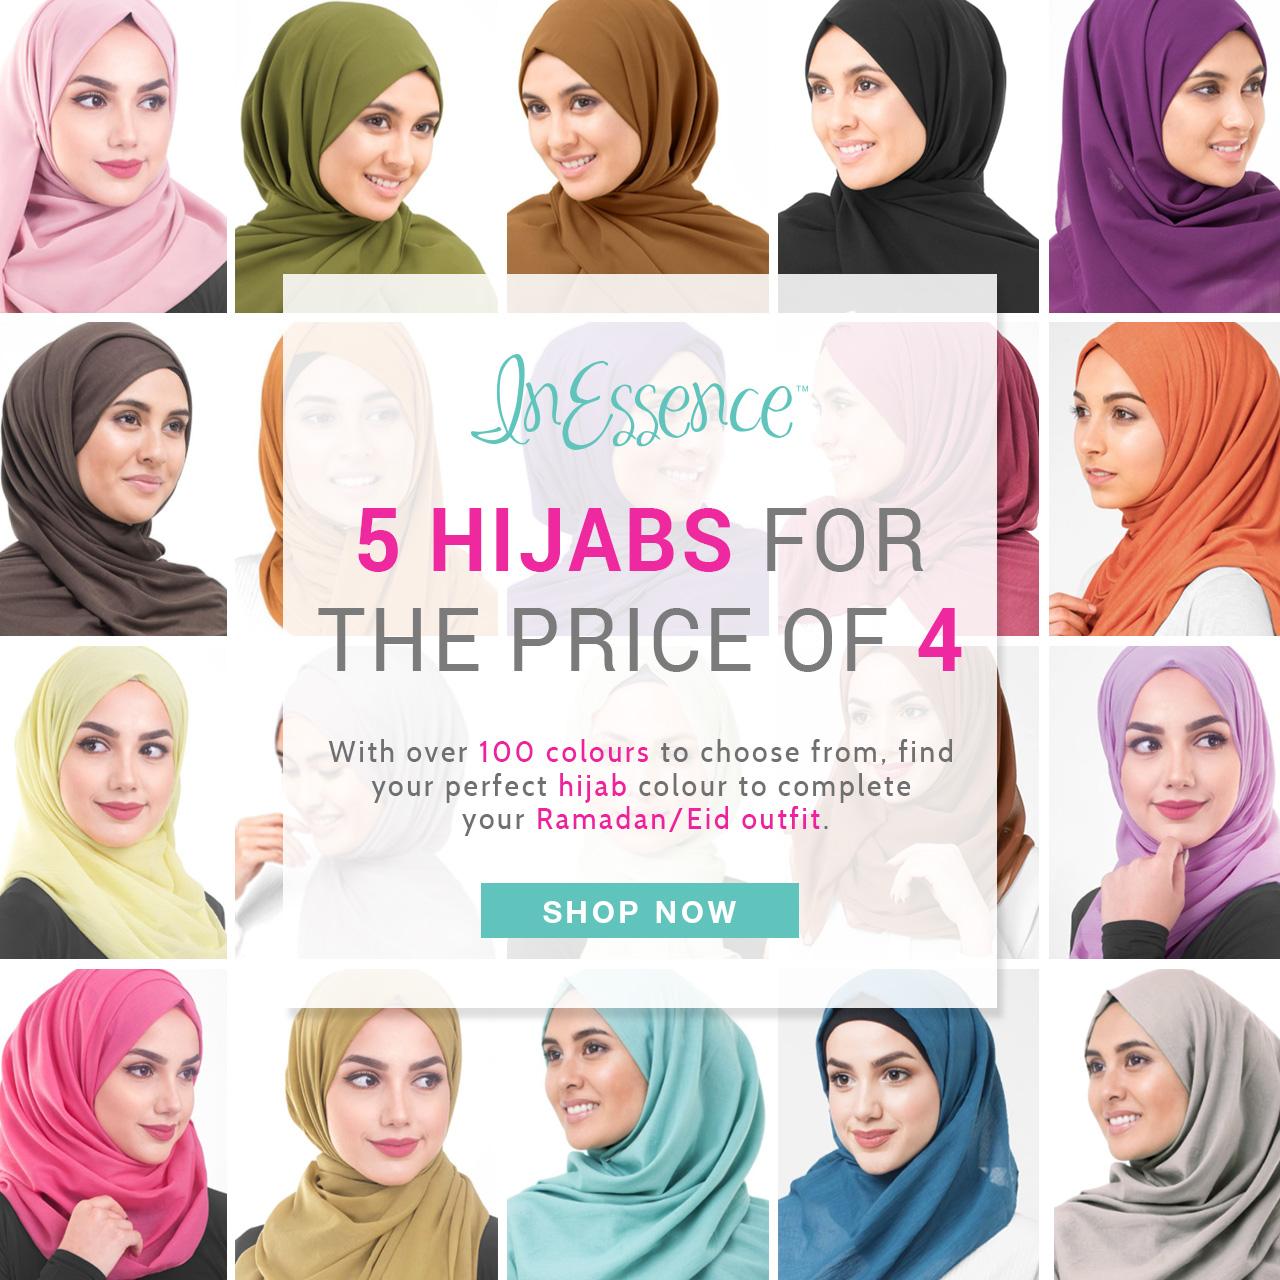 hijab offers